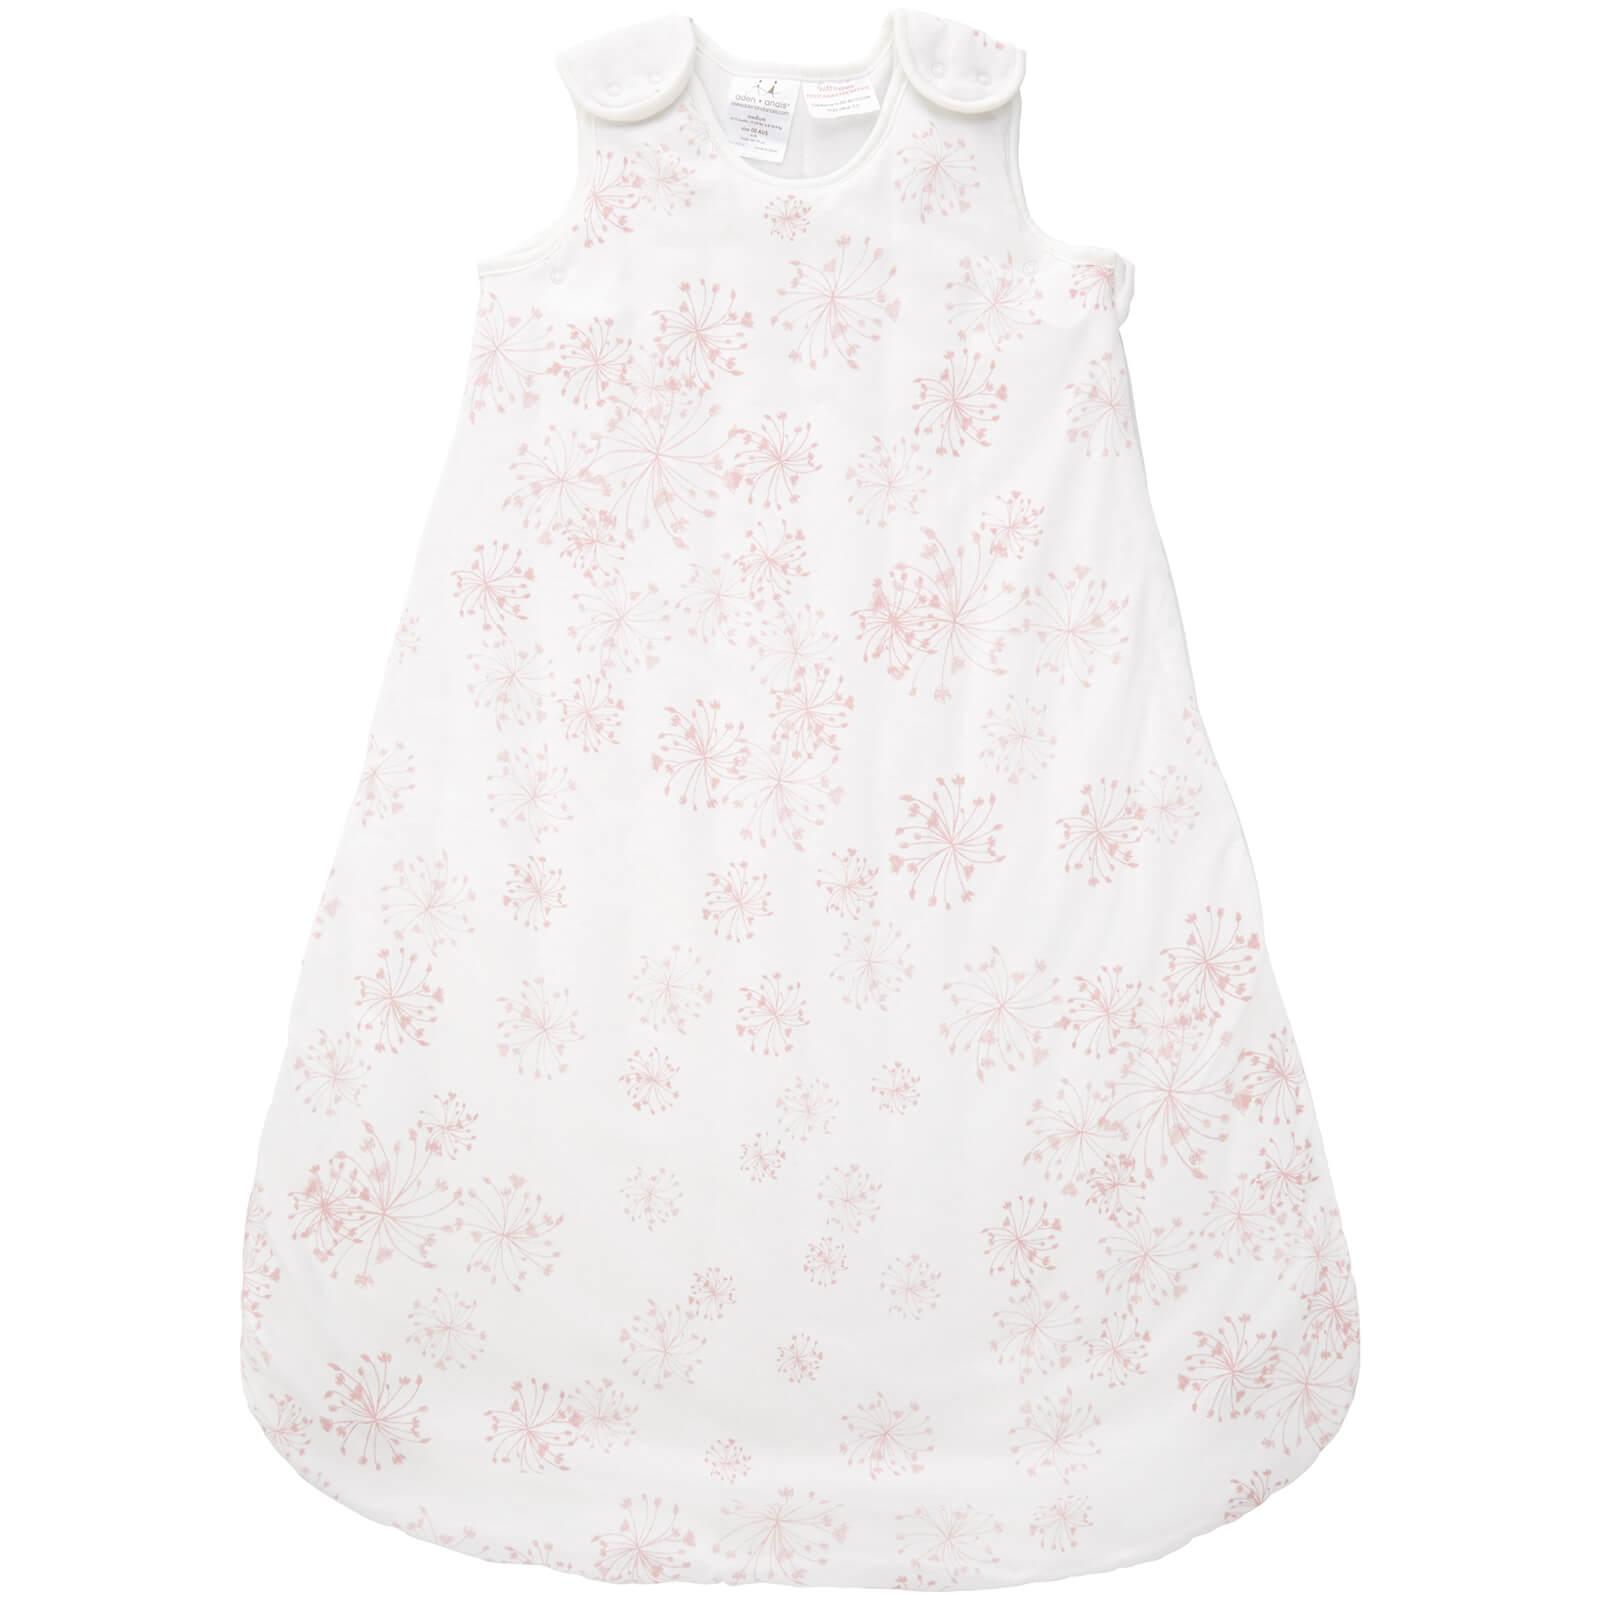 aden + anais Winter Sleeping Bag Lovely Reverie - Dandelion - 6-18 Months